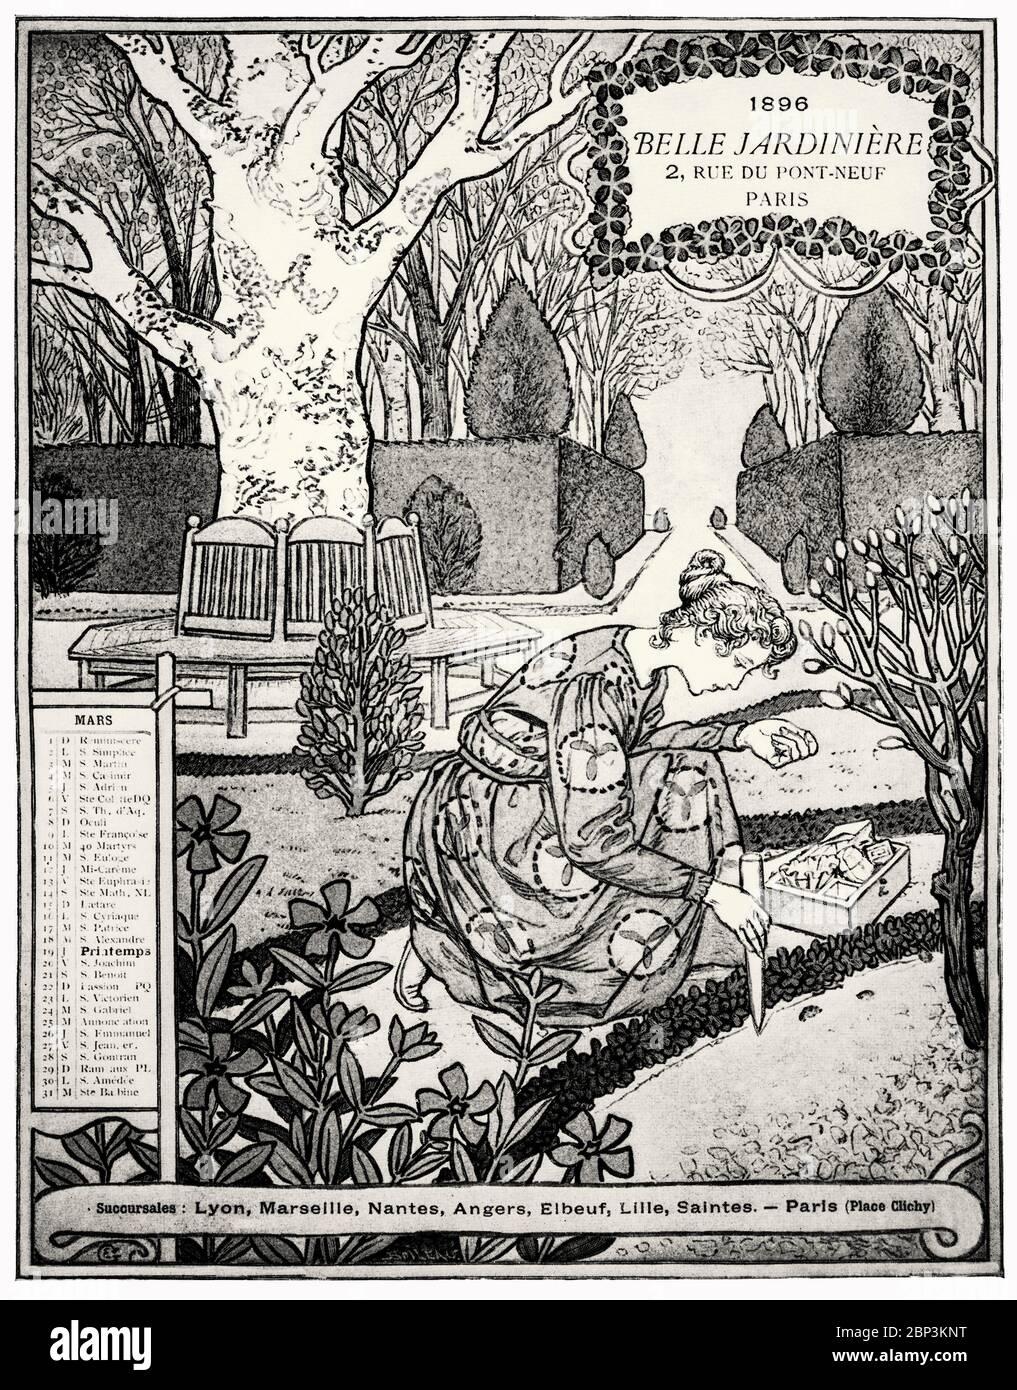 'Arco del Calendario Bella Jardiniere' de Eugène Grasset (1845-1917), una artista Suiza decorativa que trabajó en París, Francia en una variedad de campos de diseño creativo durante la Belle Époque. Es considerado un pionero en el diseño Art Nouveau. Foto de stock